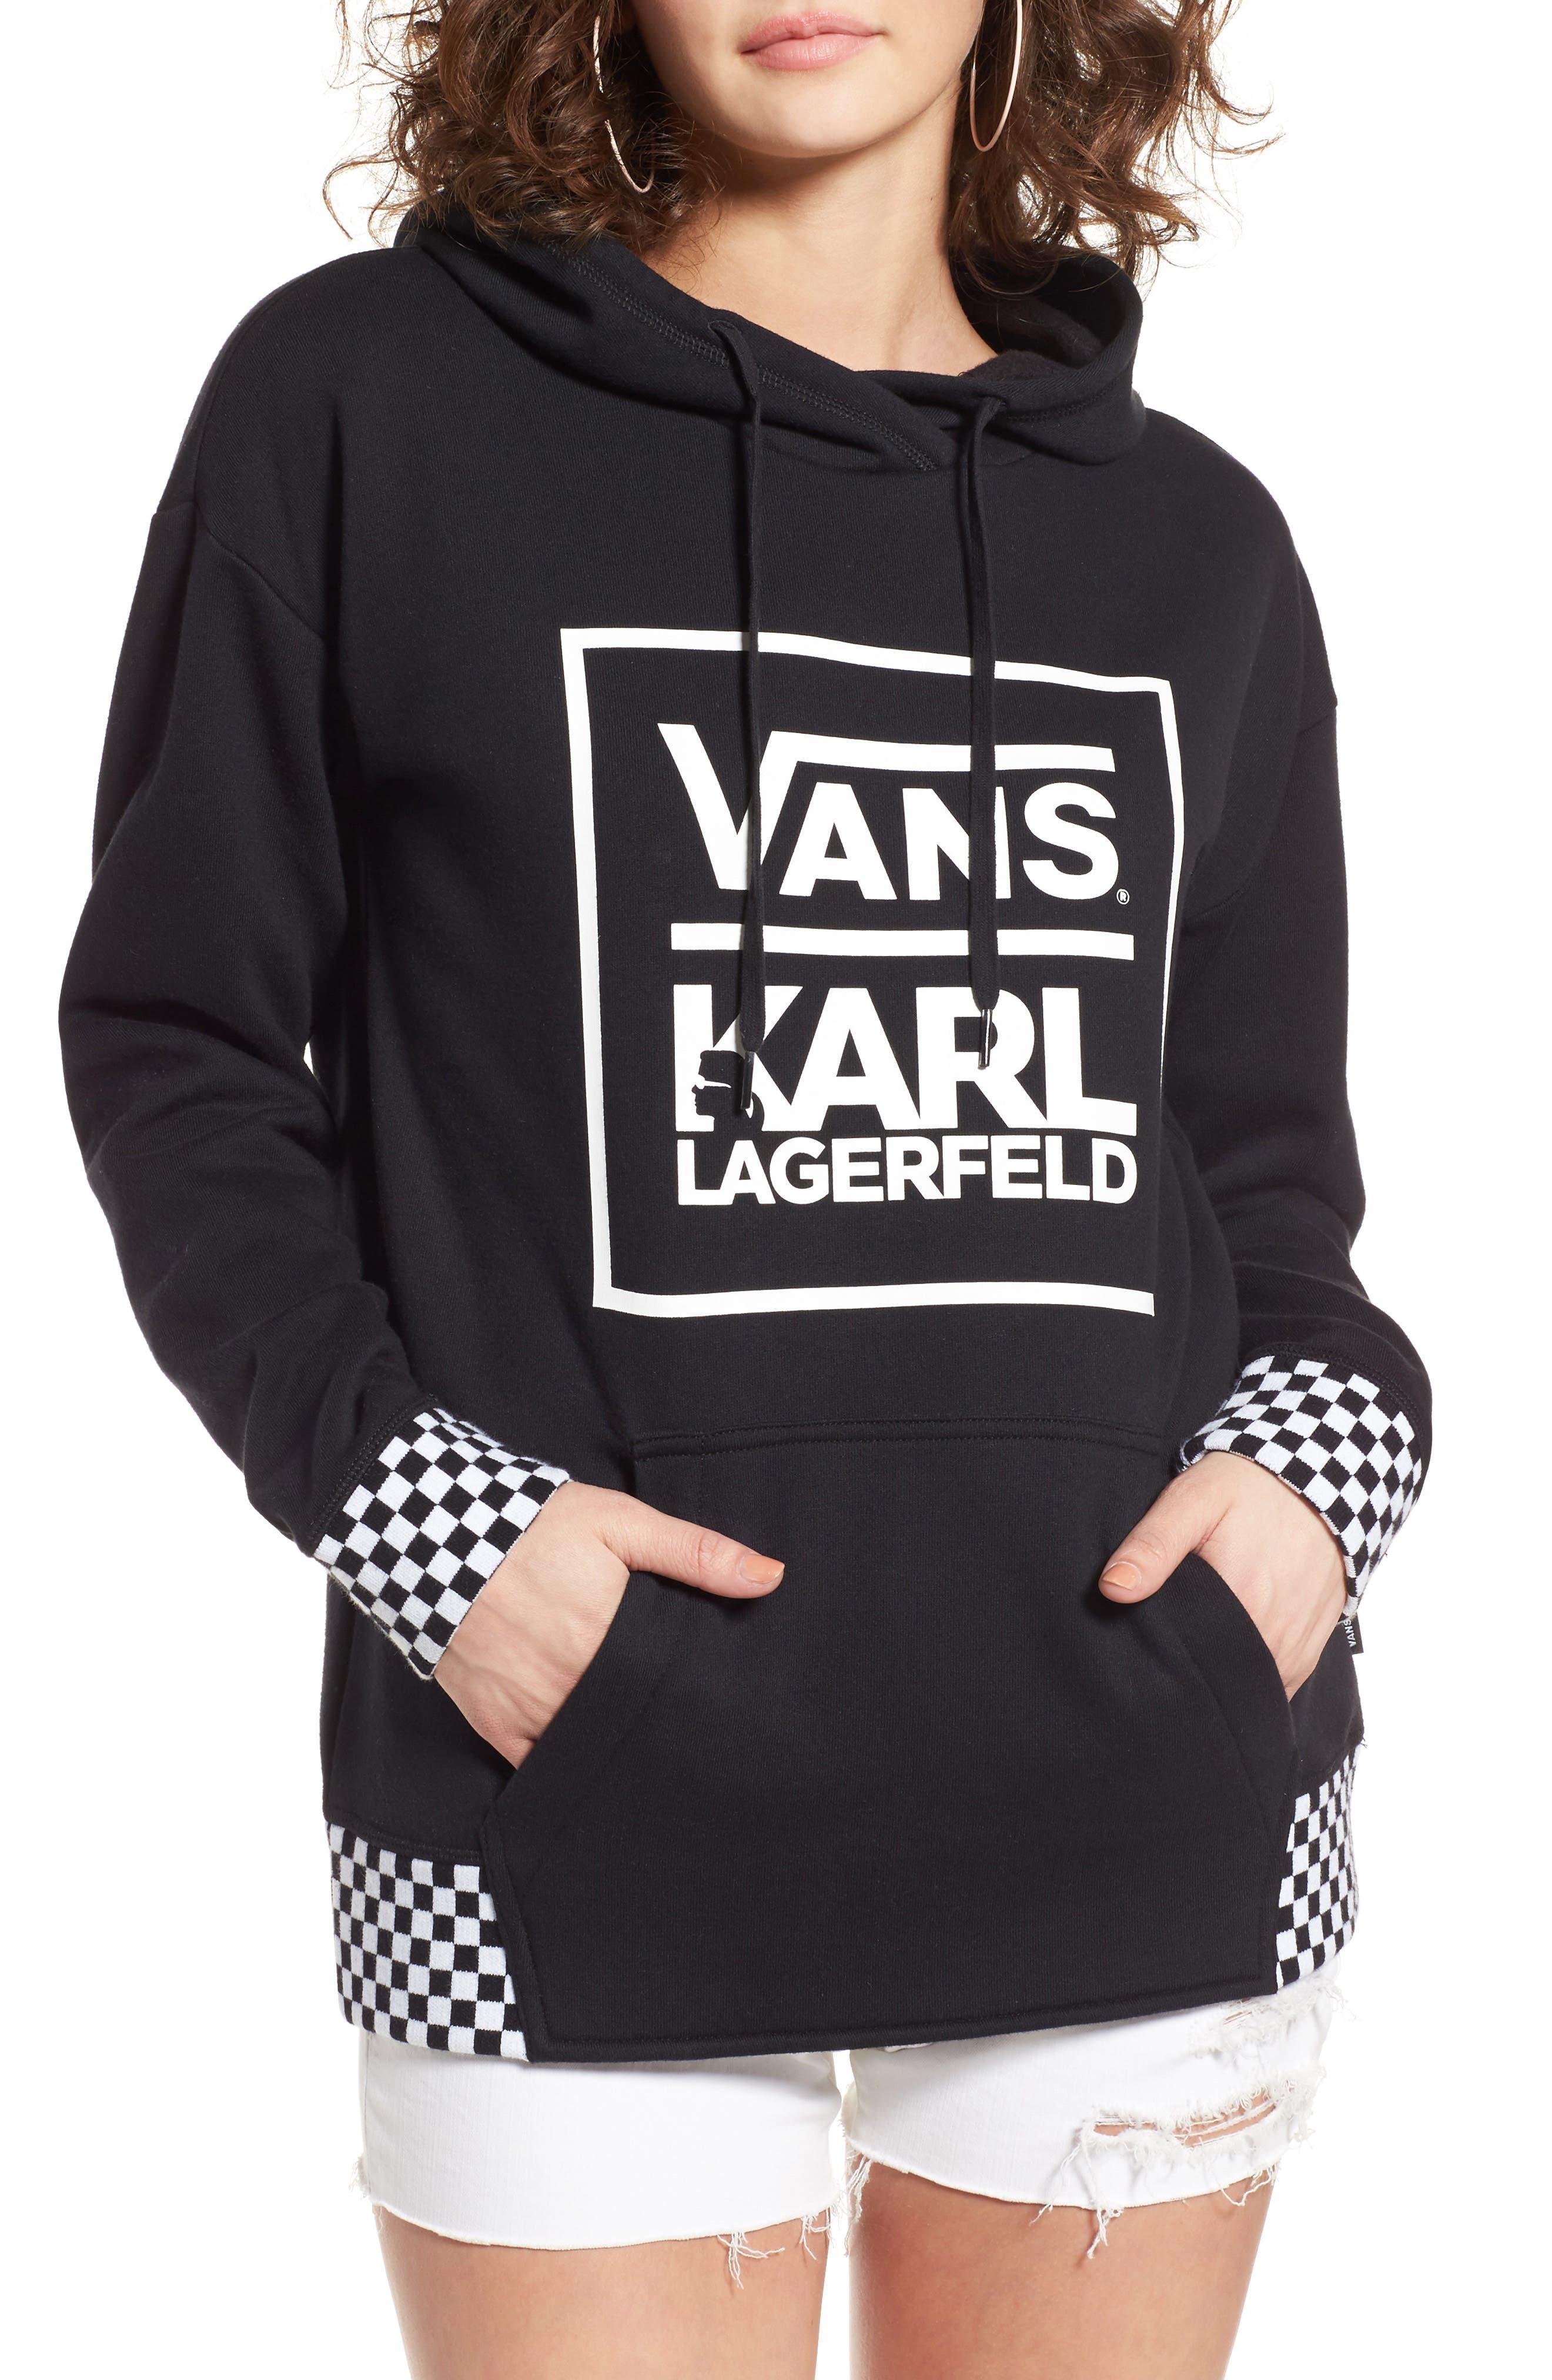 Alternate Image 1 Selected - Vans x KARL LAGERFELD Hoodie